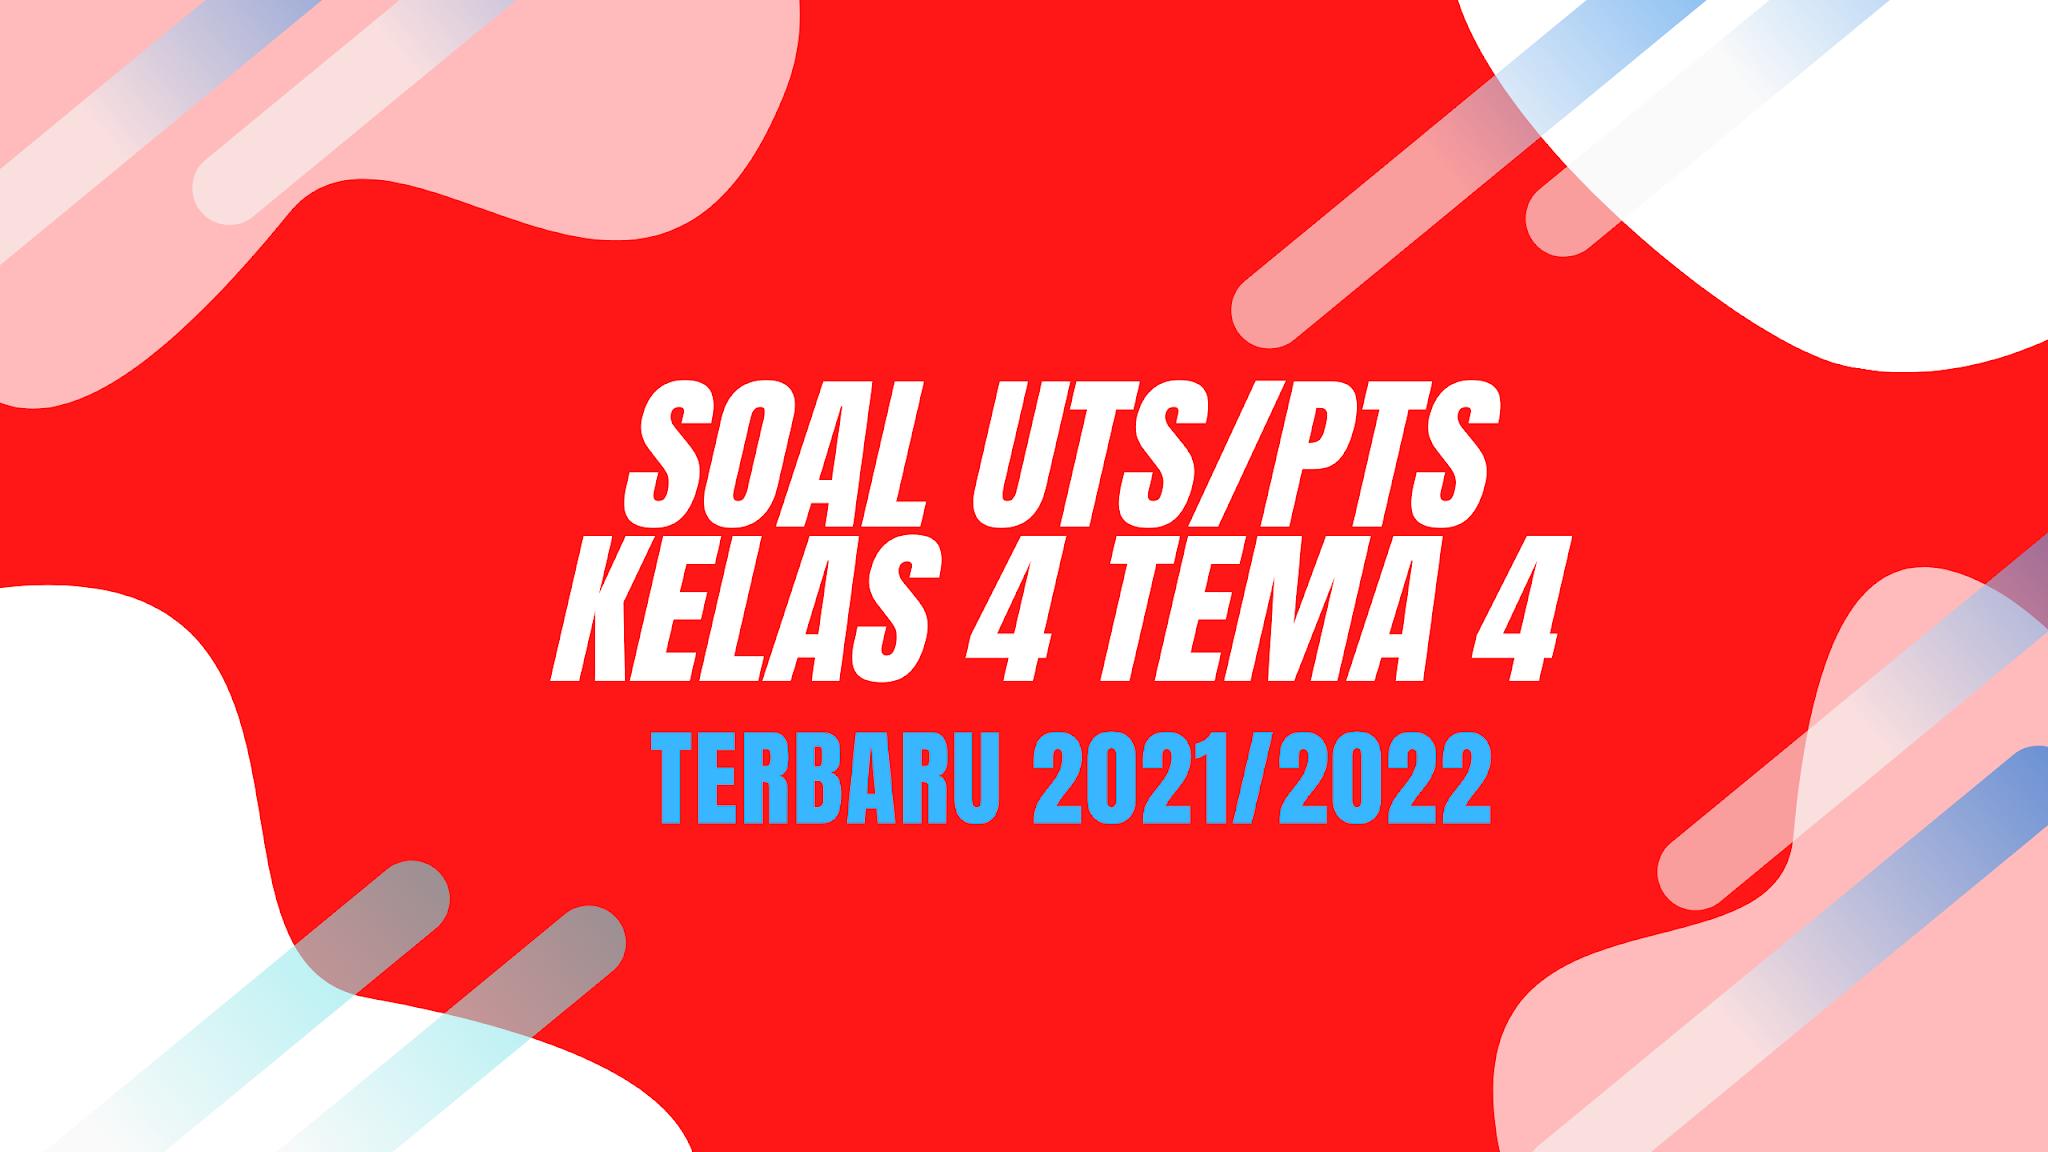 gambar SOAL UTS/PTS KELAS 4 TEMA 4